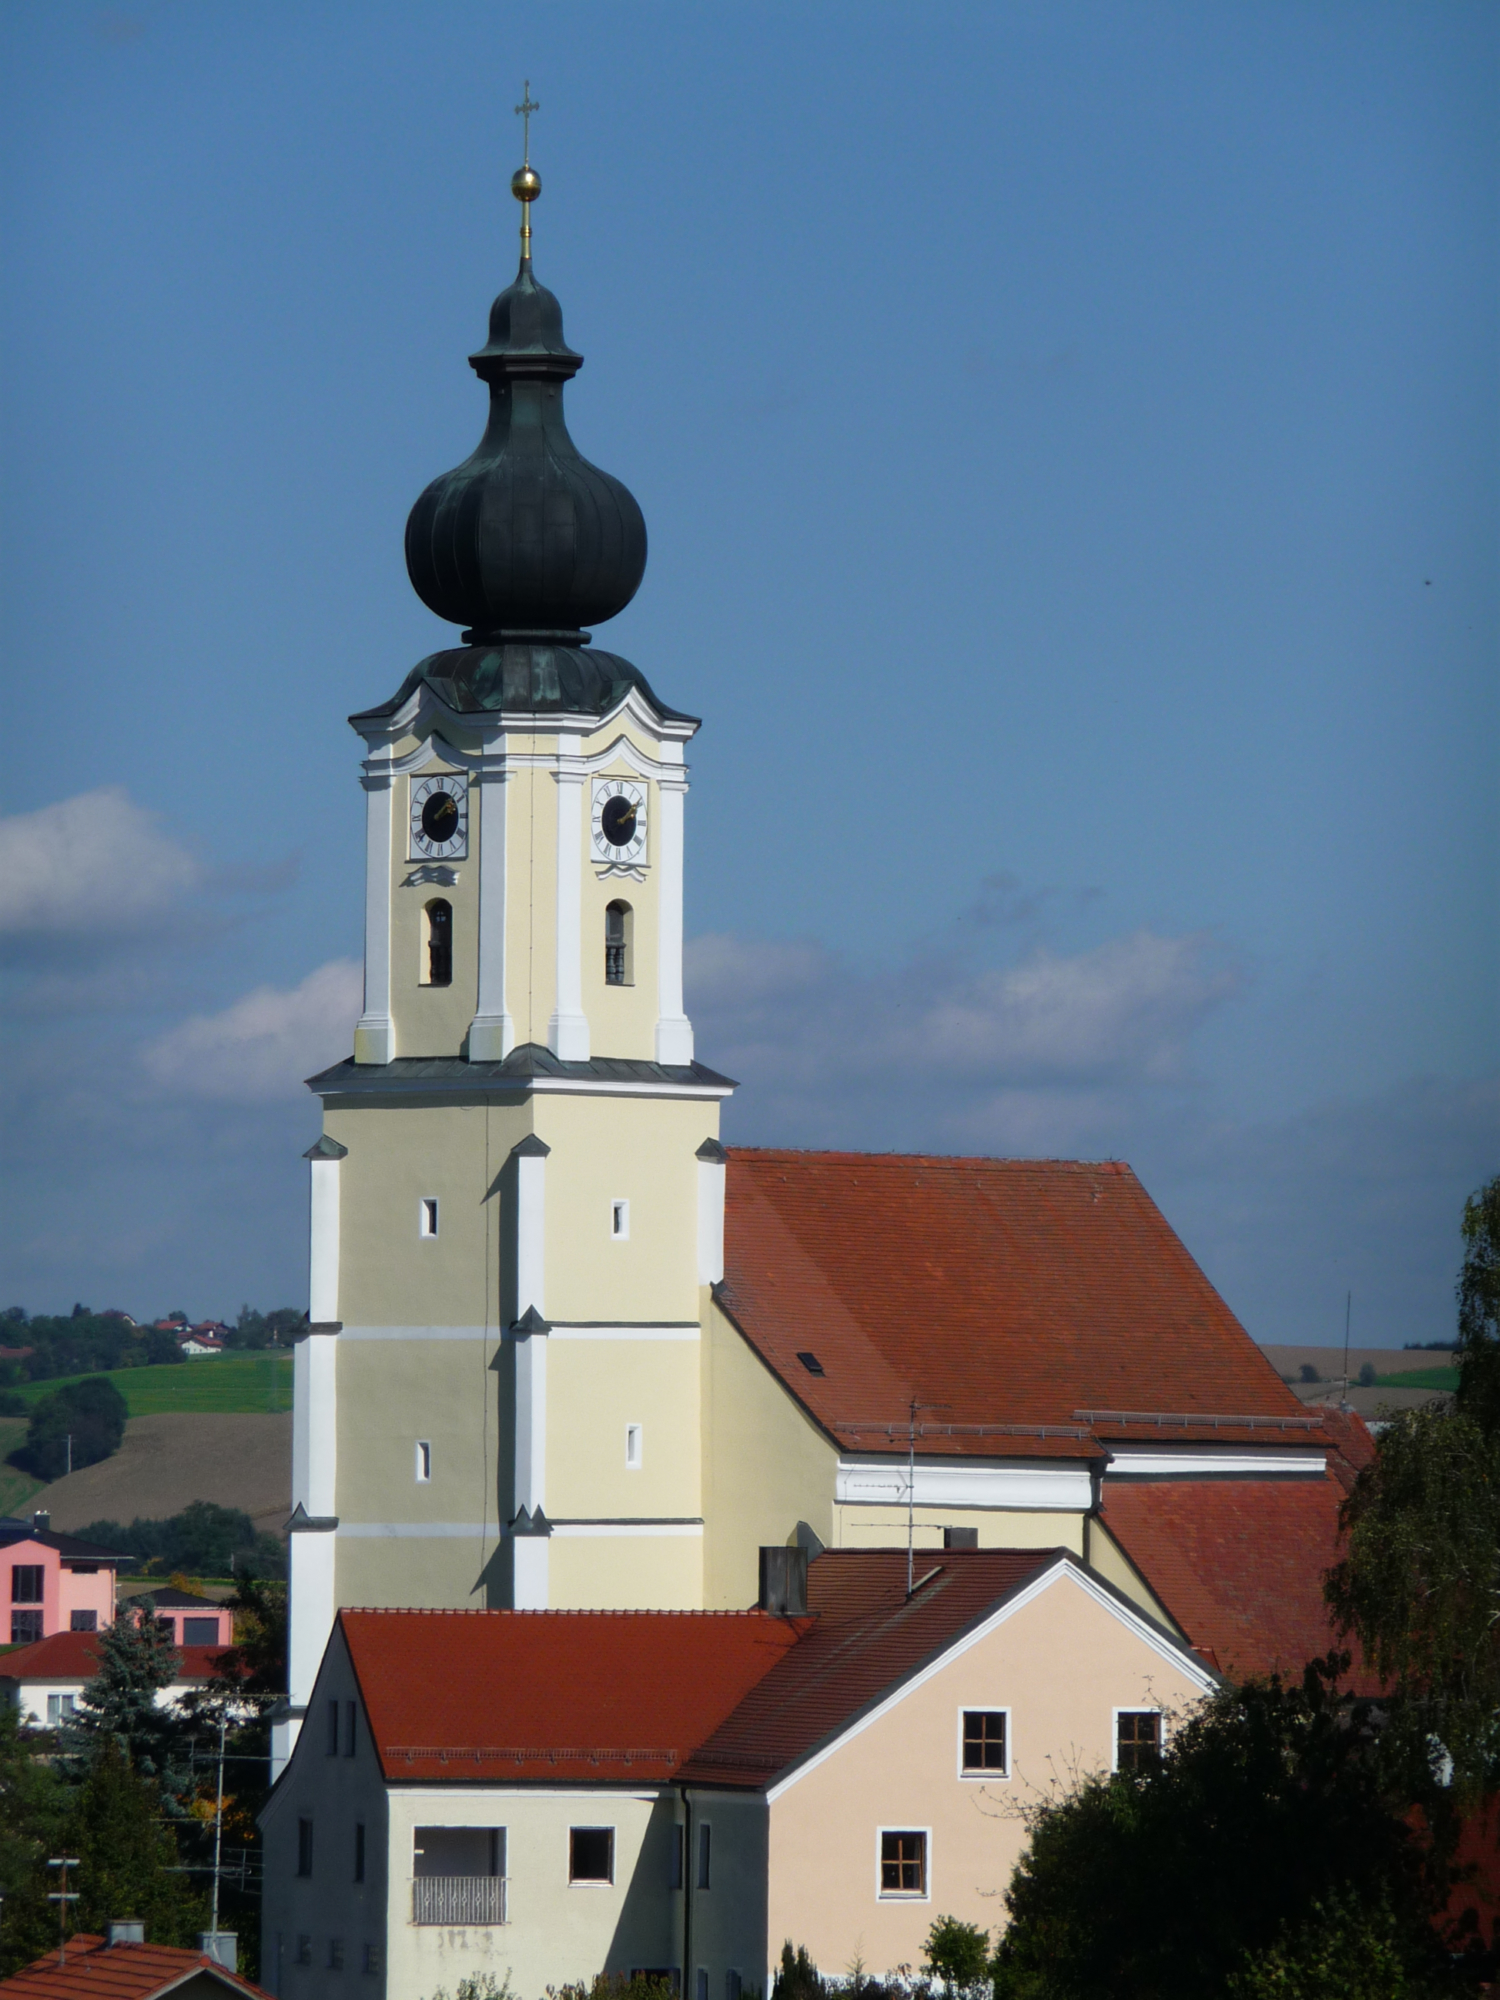 Pfarrkirche Bad HC3 B6henstadt